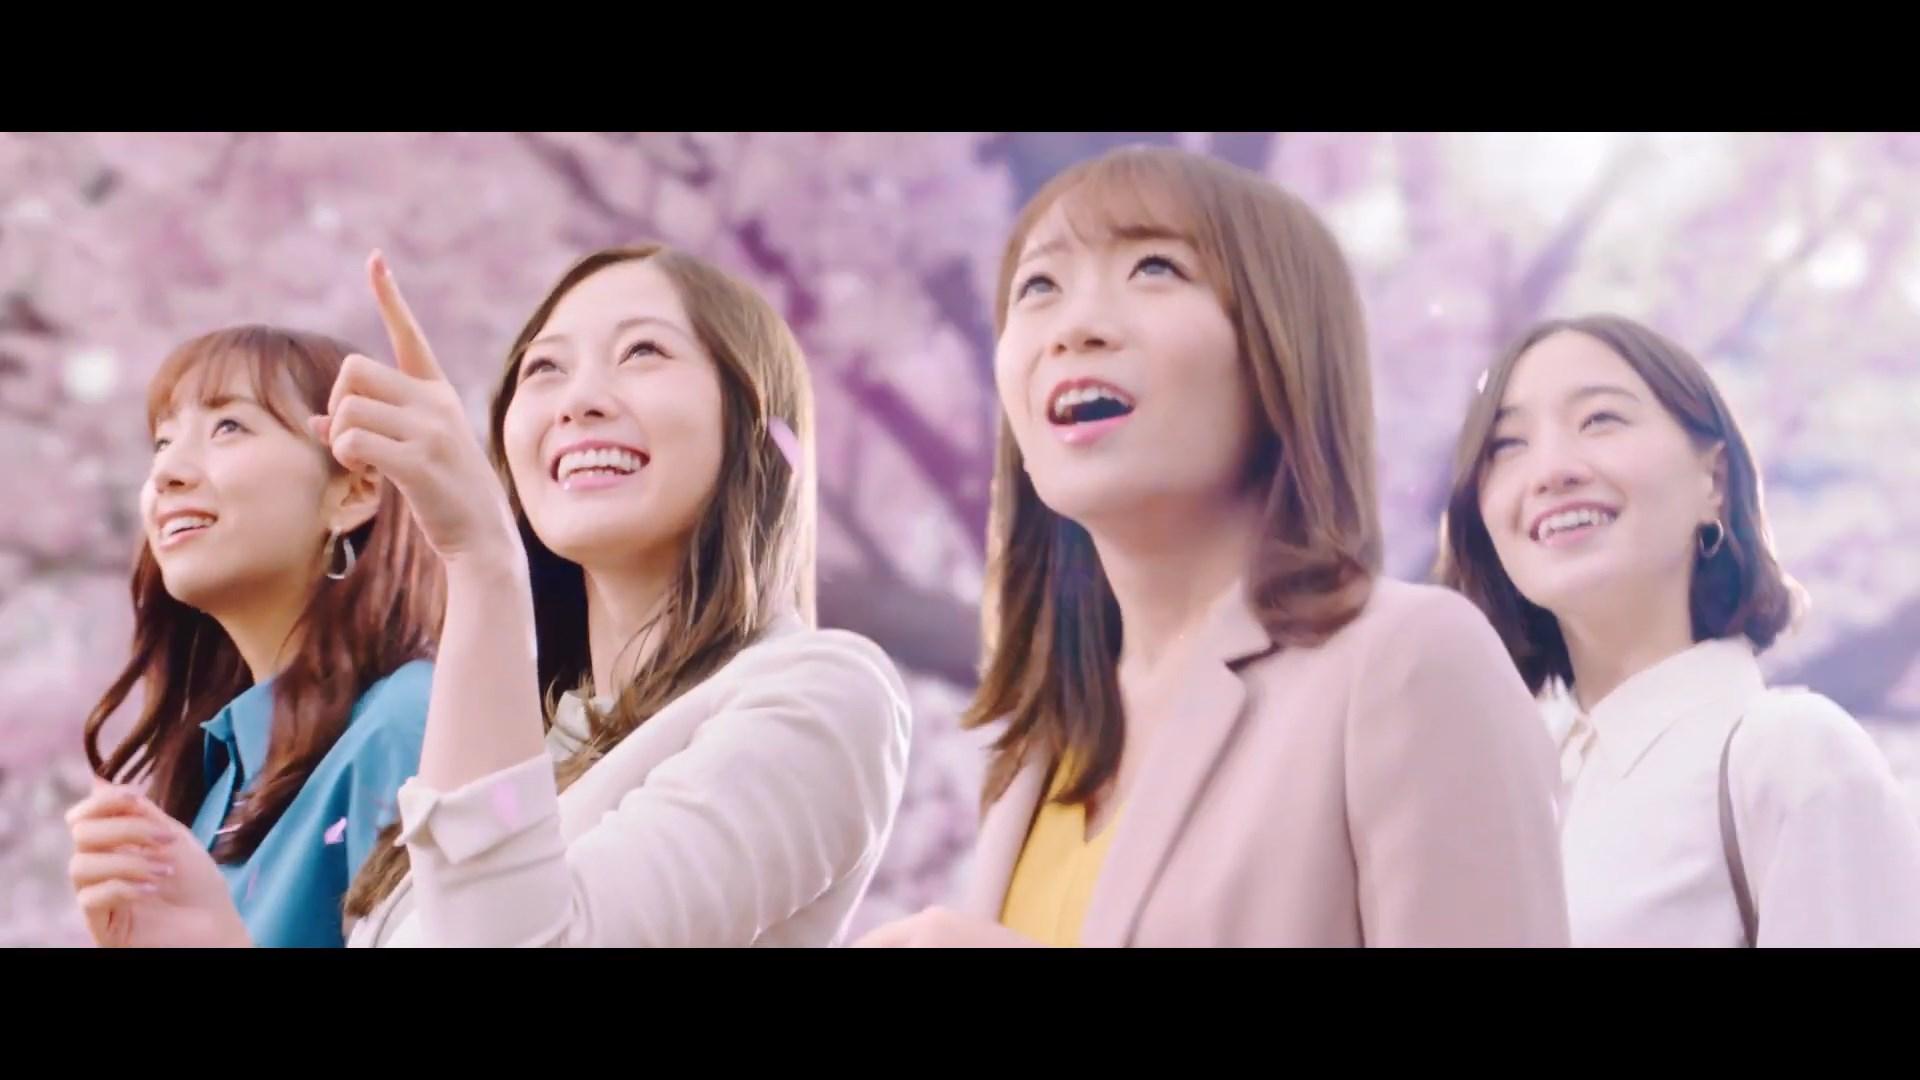 白石麻衣 西野七瀬 2021 済み 桜 5